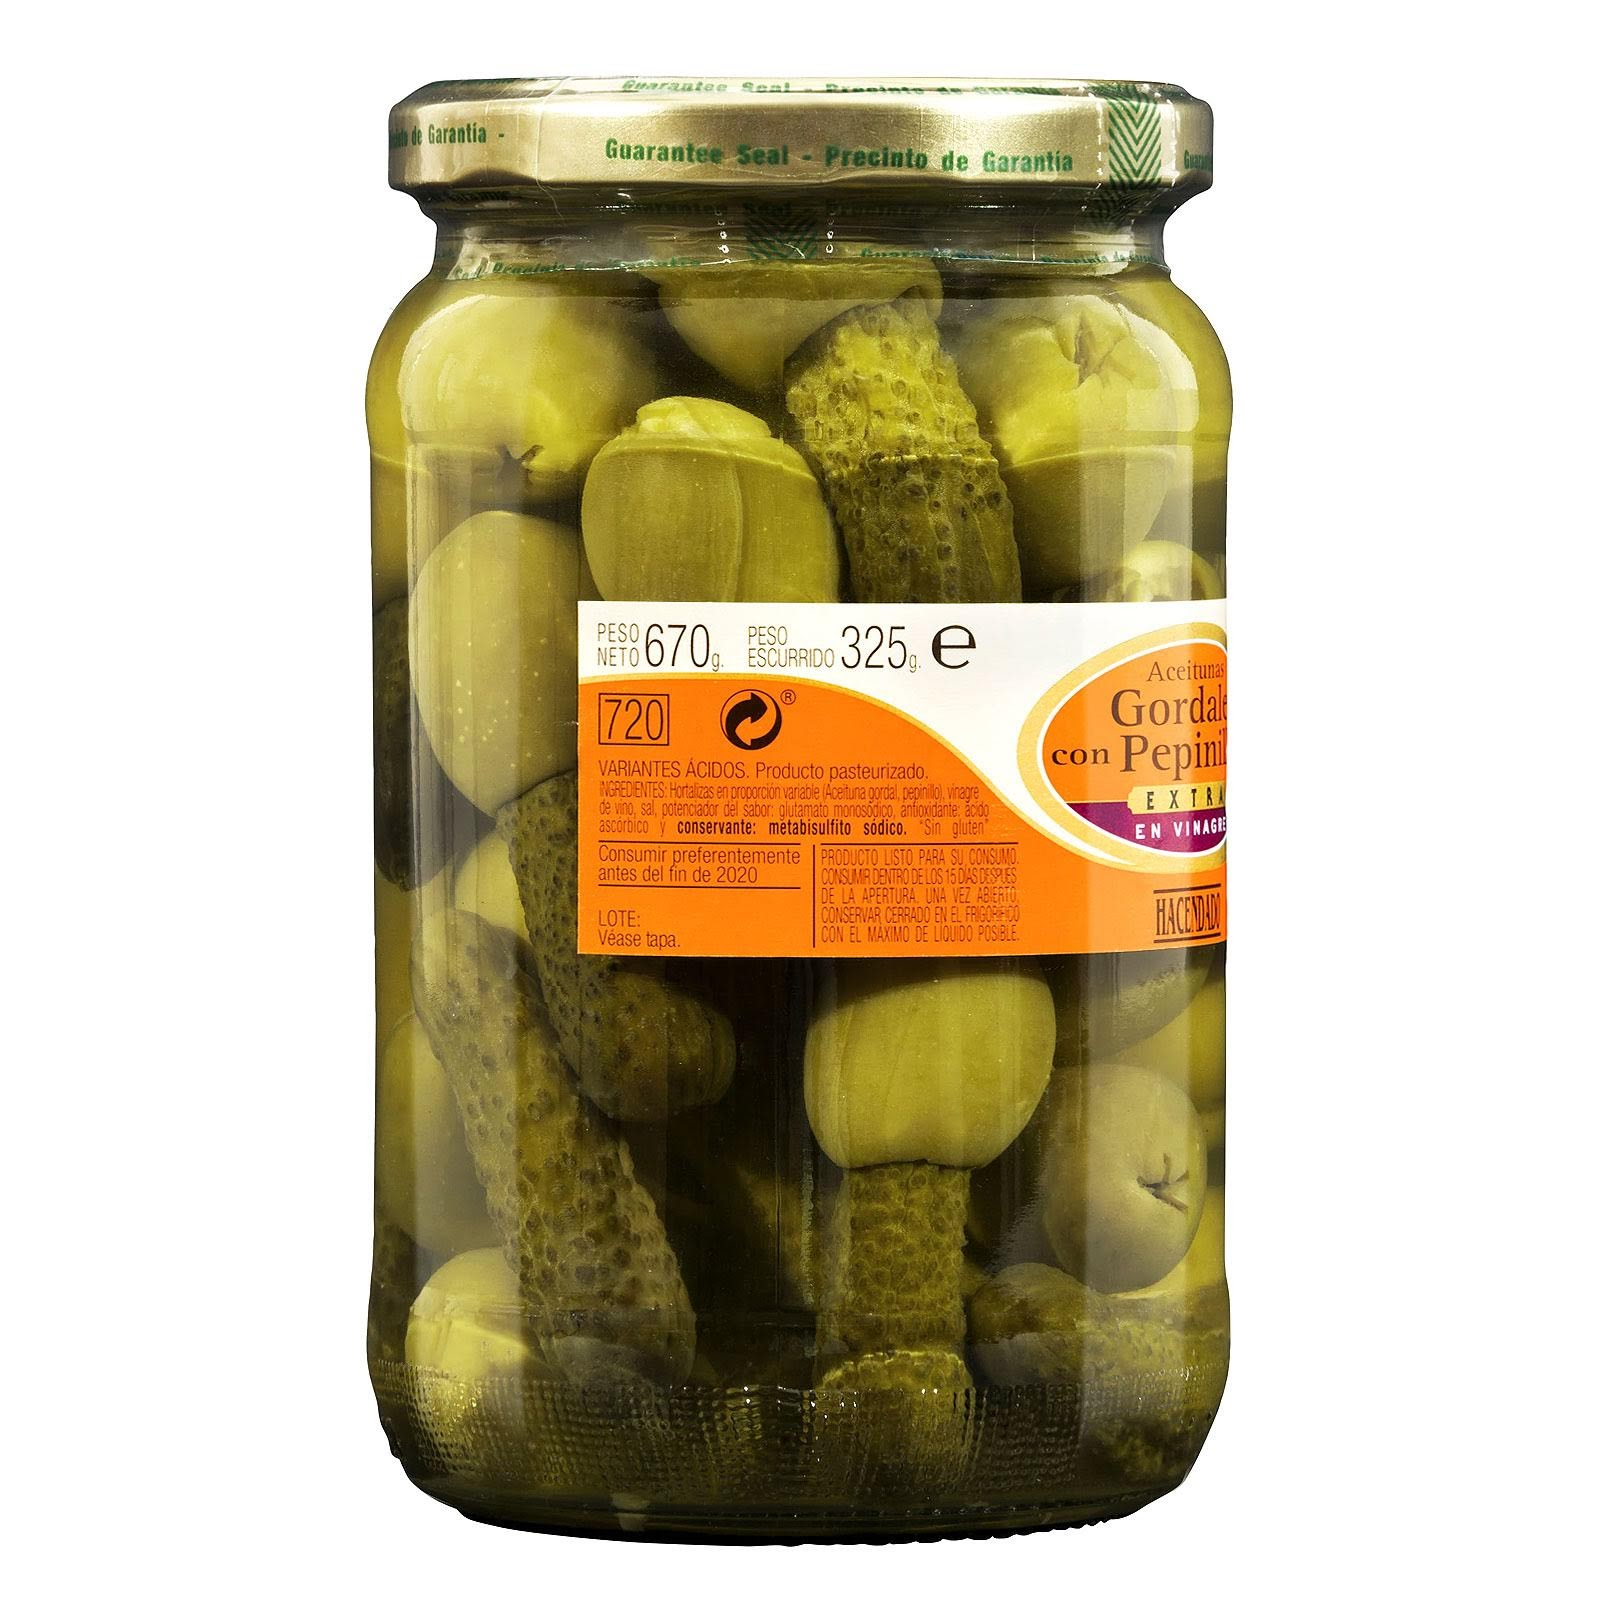 Aceitunas gordales con pepinillos extra en vinagre Hacendado